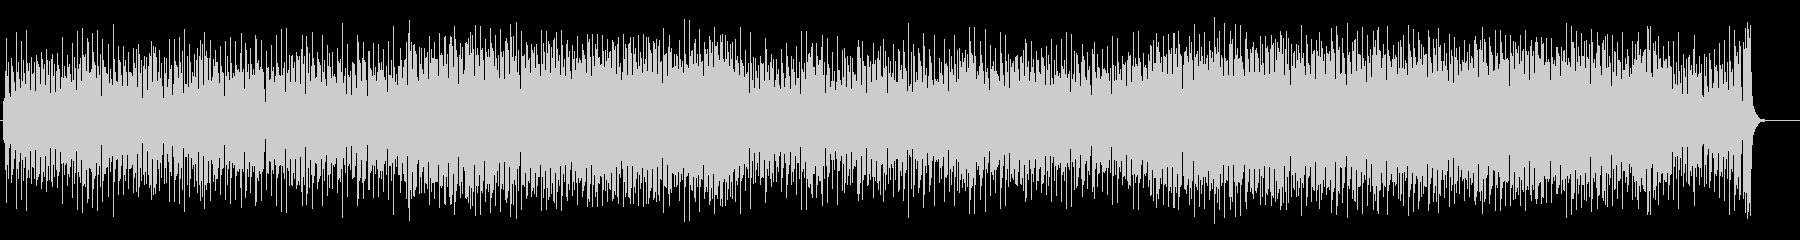 かわいいクラシカルポップ(フルサイズ)の未再生の波形